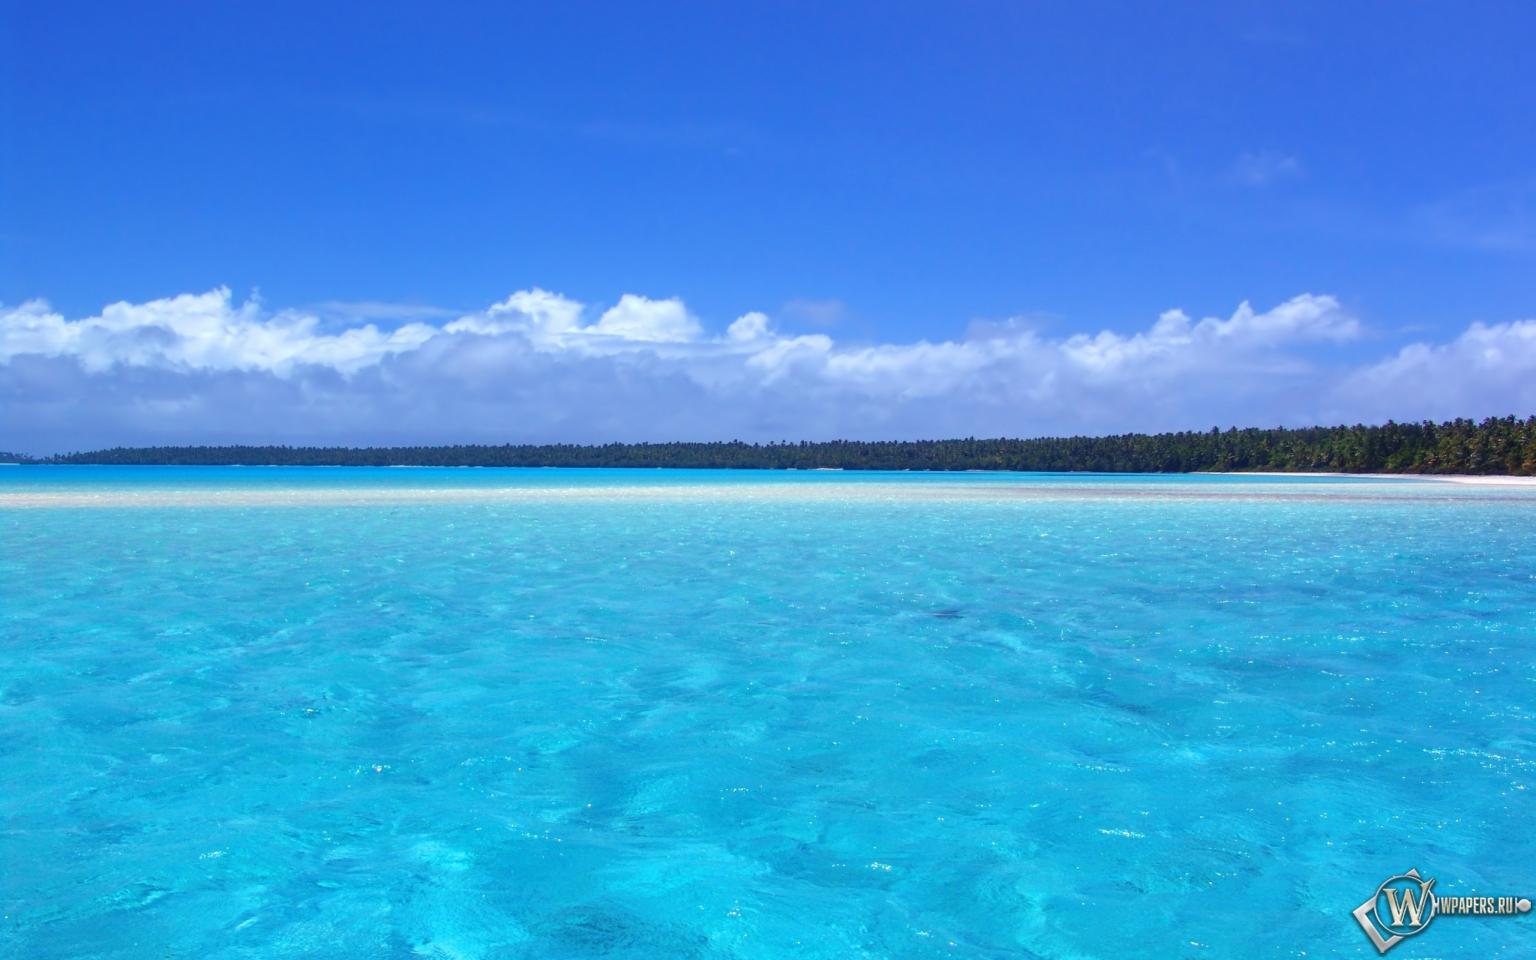 Голубой океан 1536x960